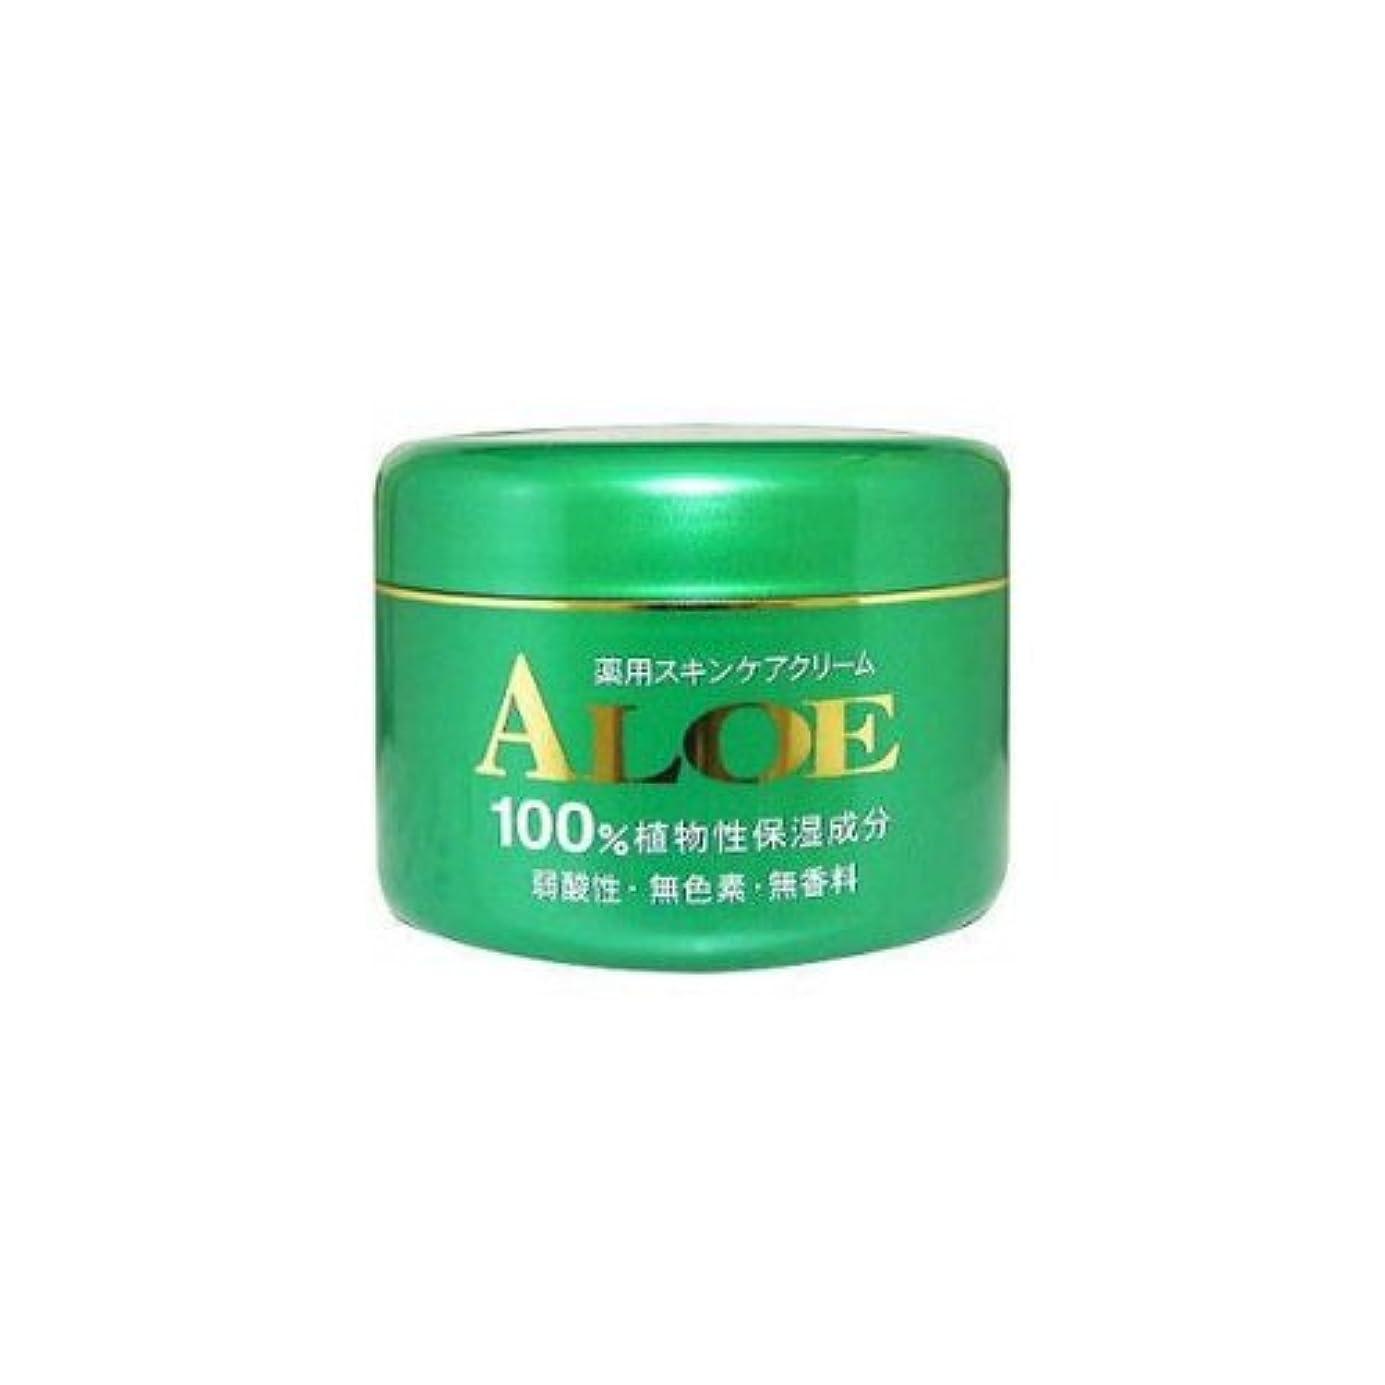 ホスト絶妙古いアロエ薬用スキンケアクリーム185g